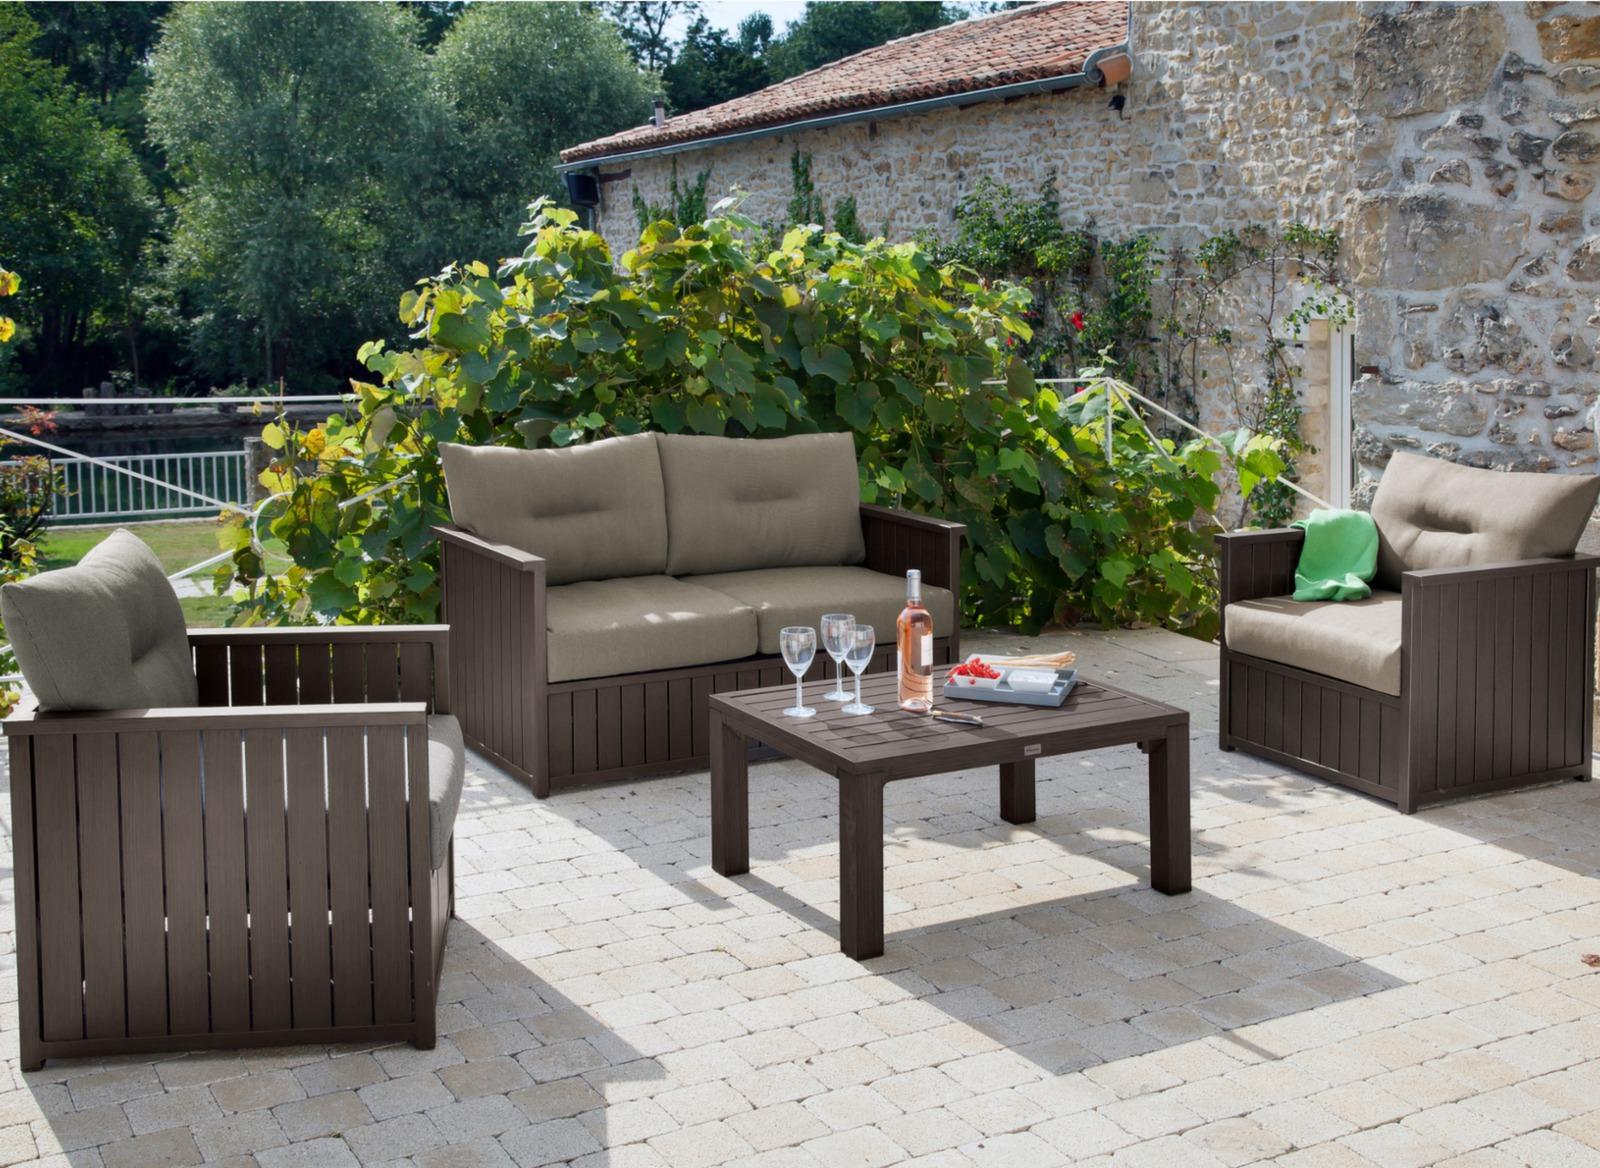 Canapé 2 places + table basse Milano - Mobilier de jardin Proloisirs